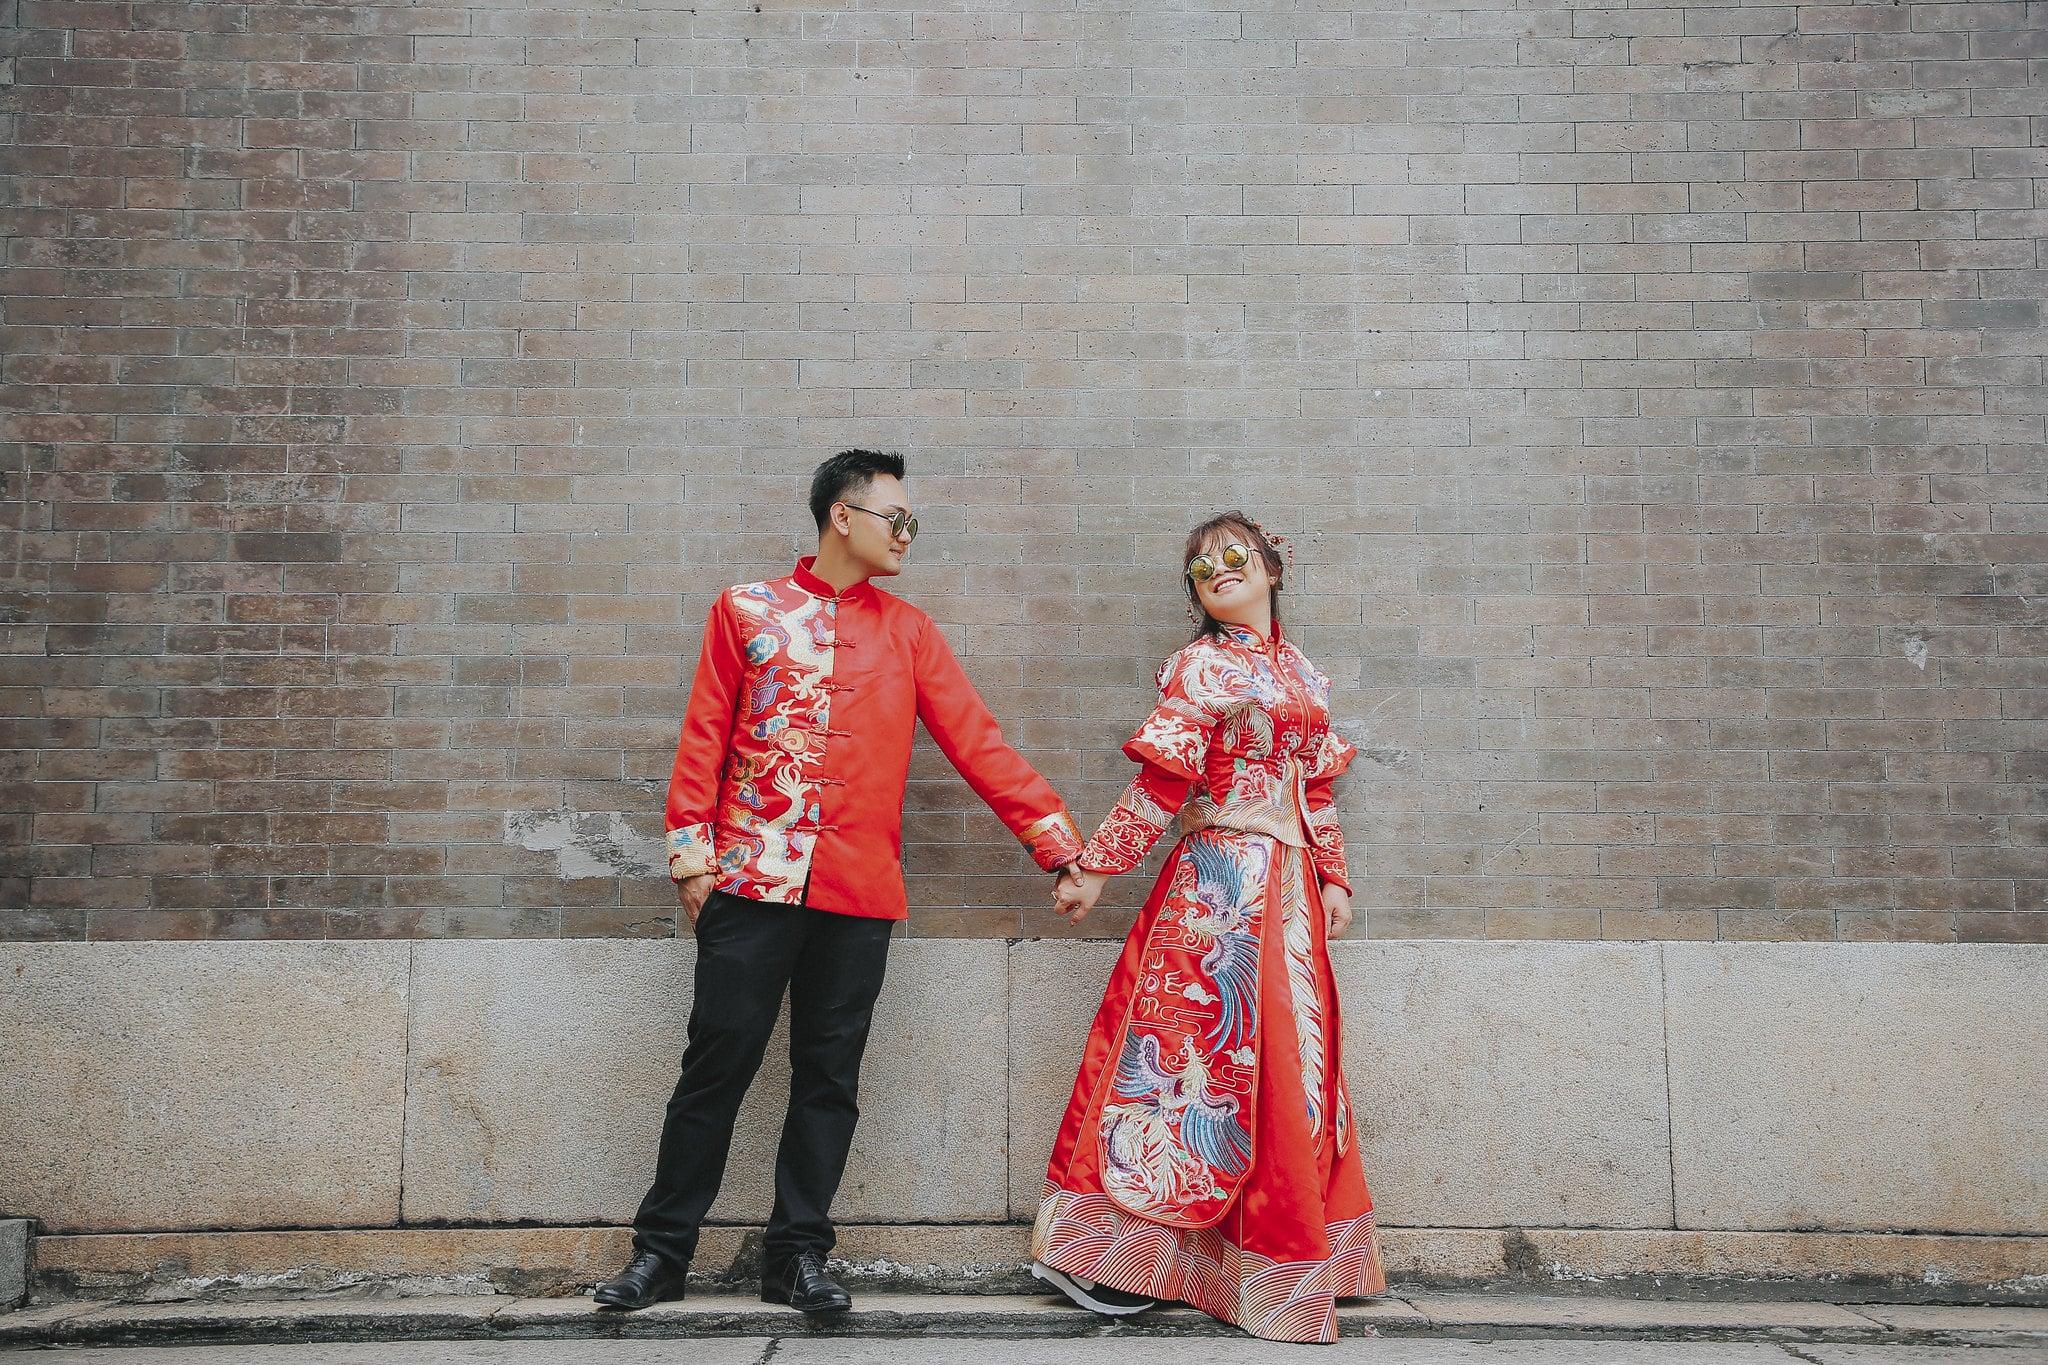 couple co trang 2 - Bộ ảnh couple cổ trang chụp tại chùa bà thiên hậu- HThao Studio